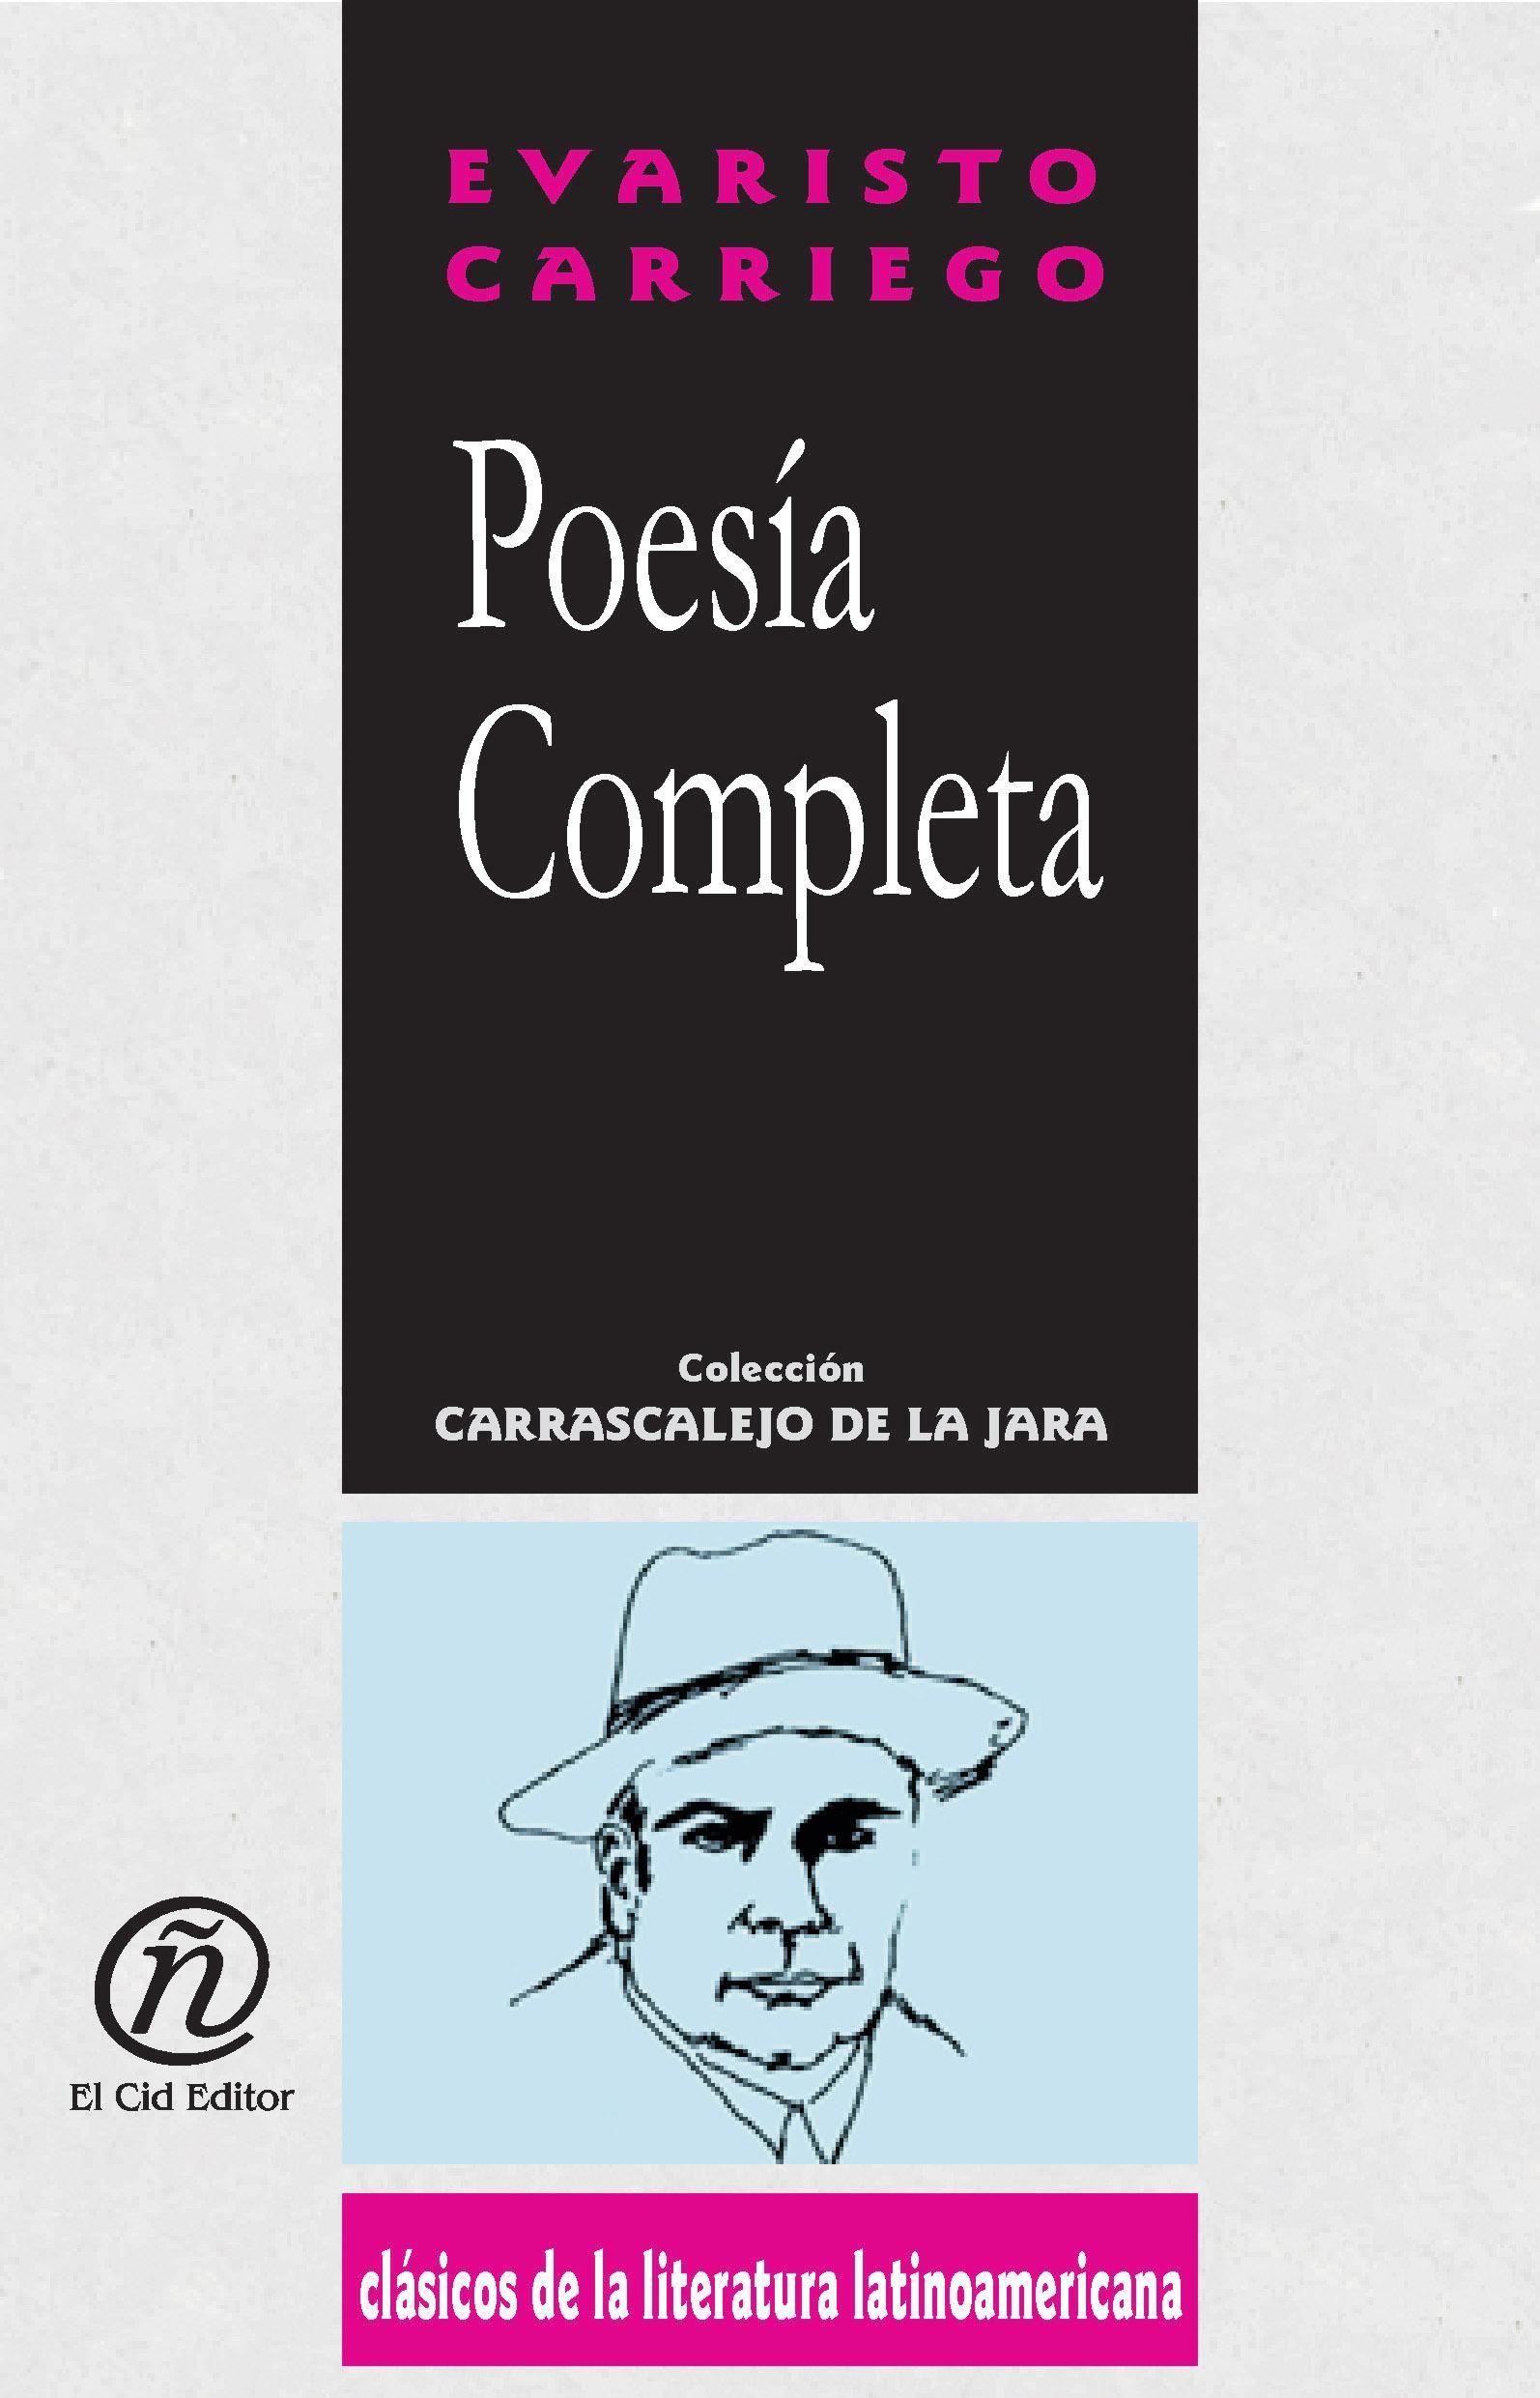 Poes?a Completa: Colecci?n de Cl?sicos de la Literatura Latinoamericana